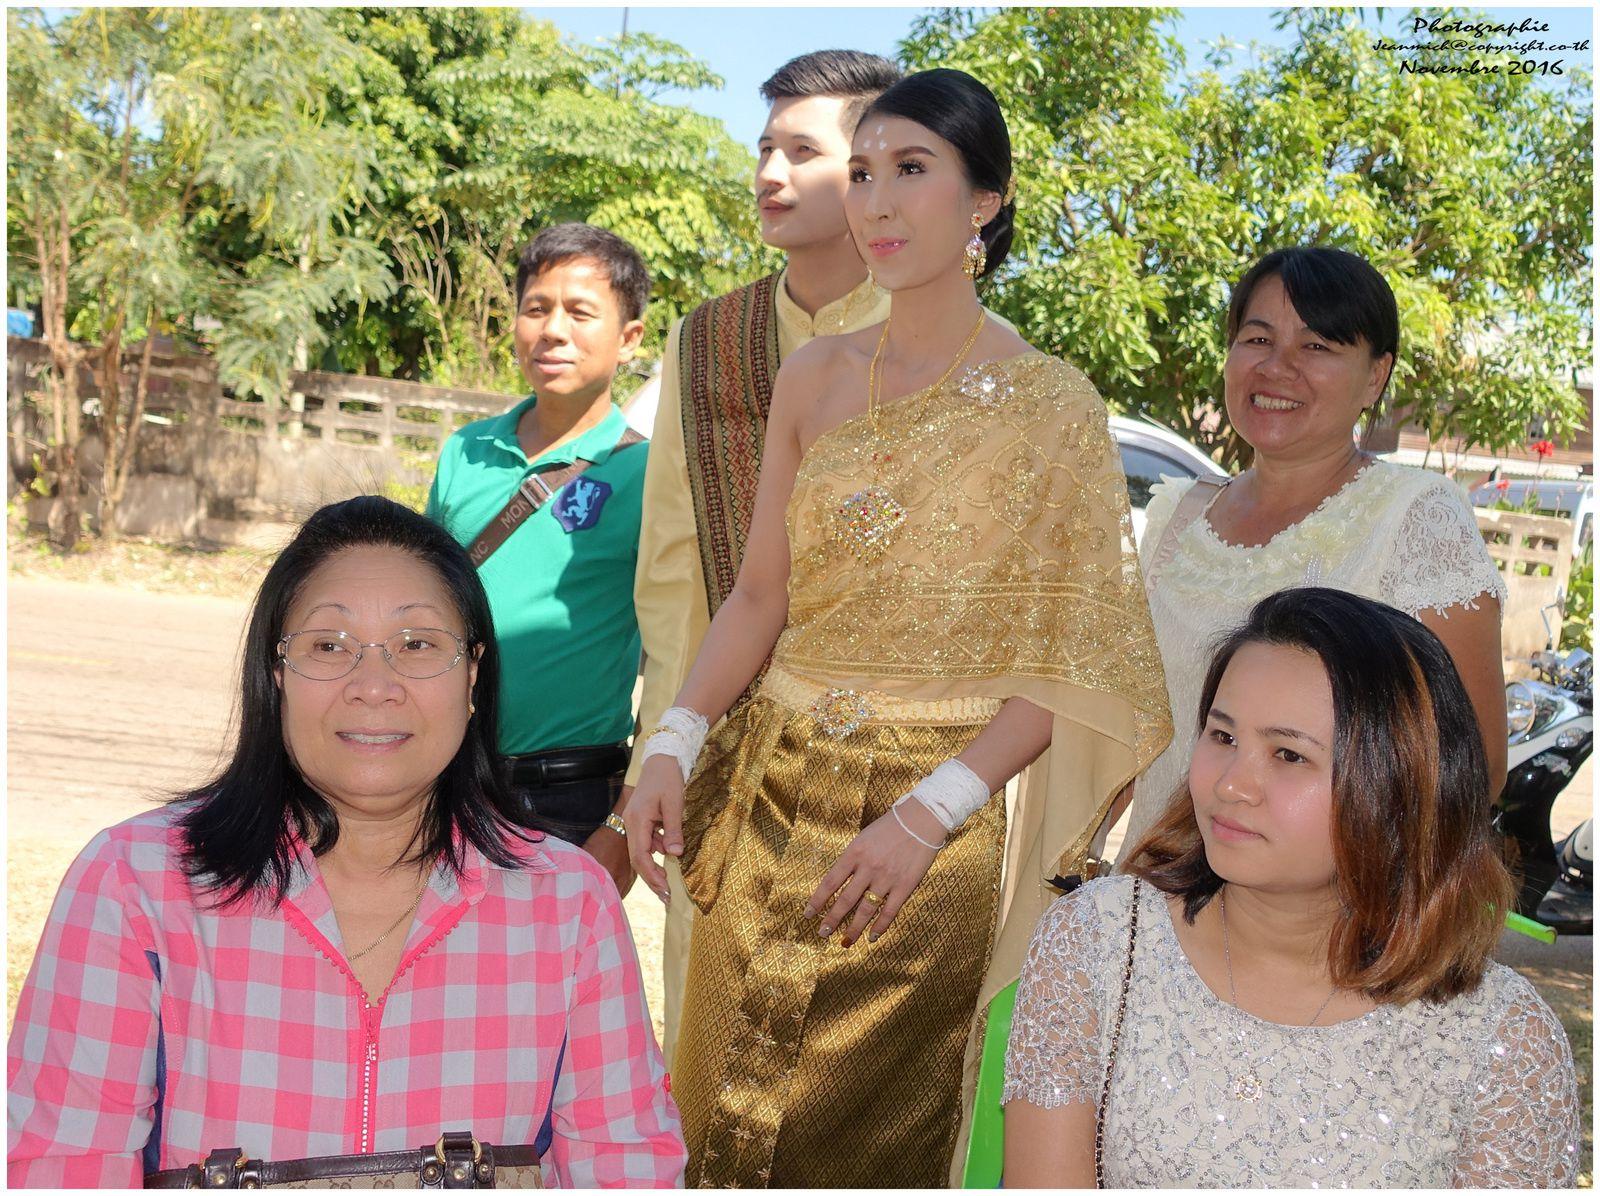 Le mariage dans le village de Nun Pho (Thaïlande, Issan, Roi Et,  Phon Tong)